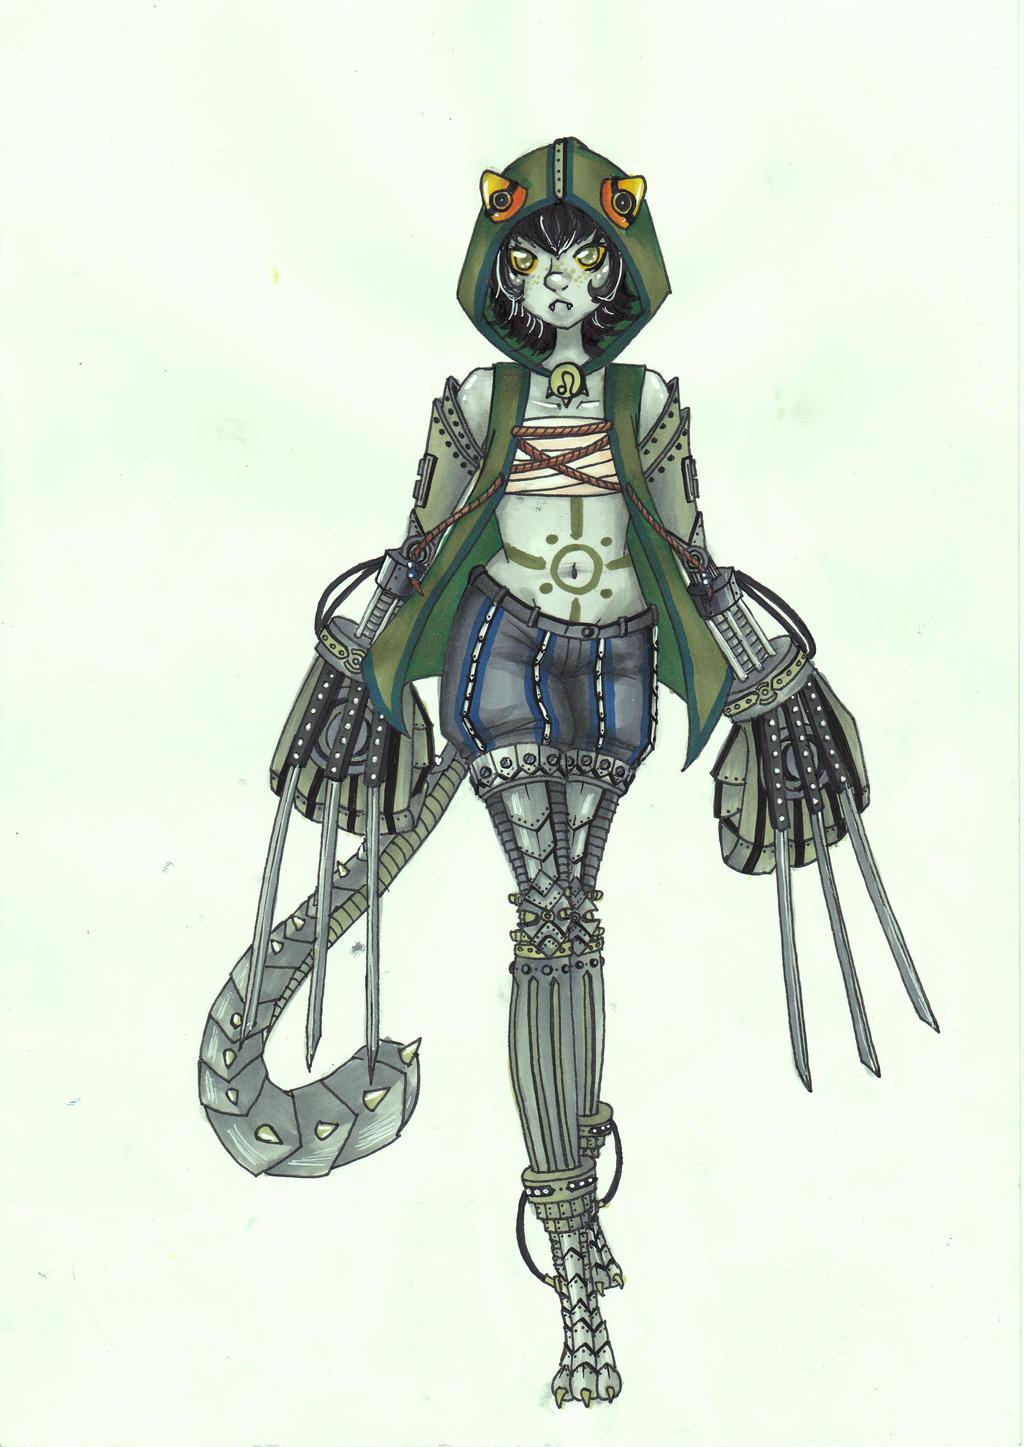 pin nepeta leijon cosplay on pinterest